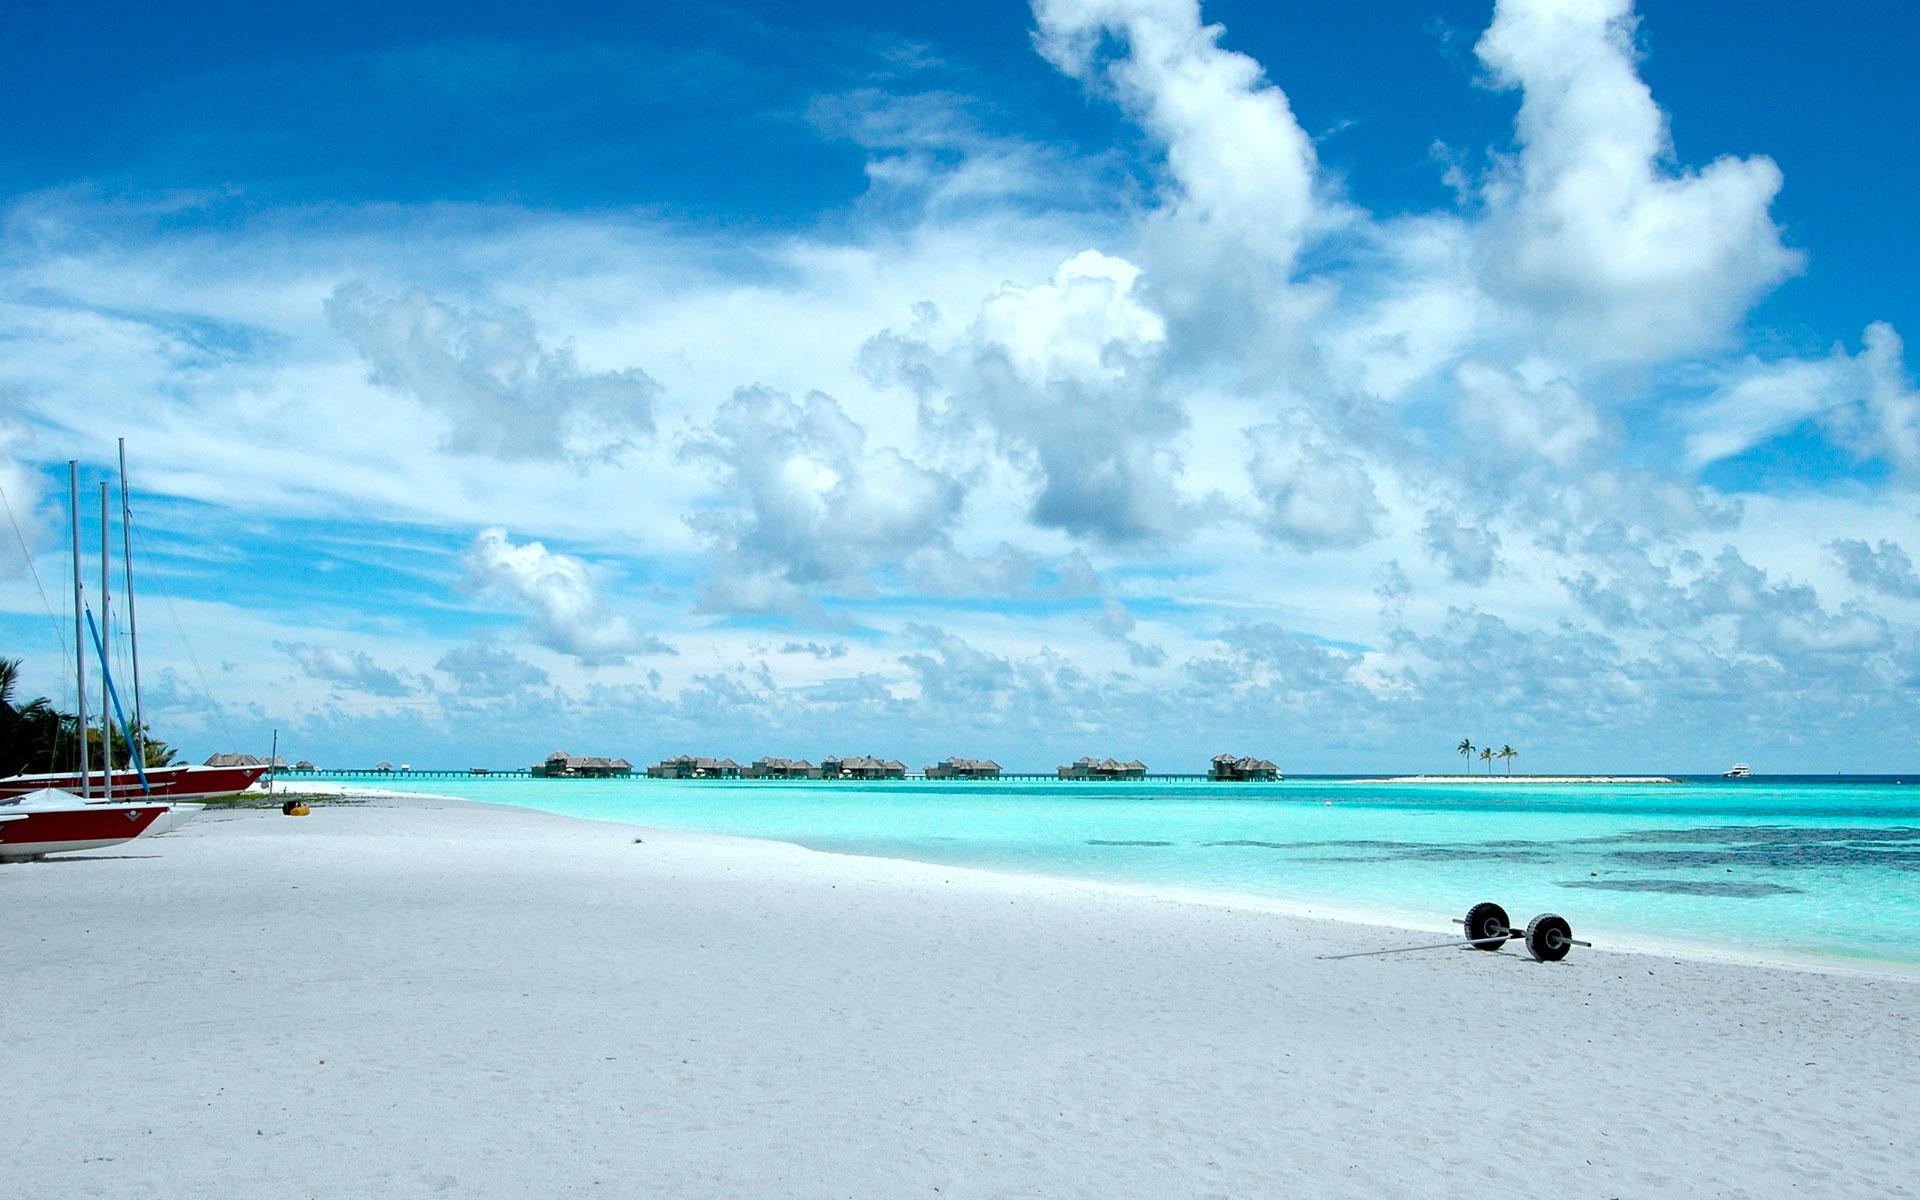 Пляж райский пляж на мальдивах